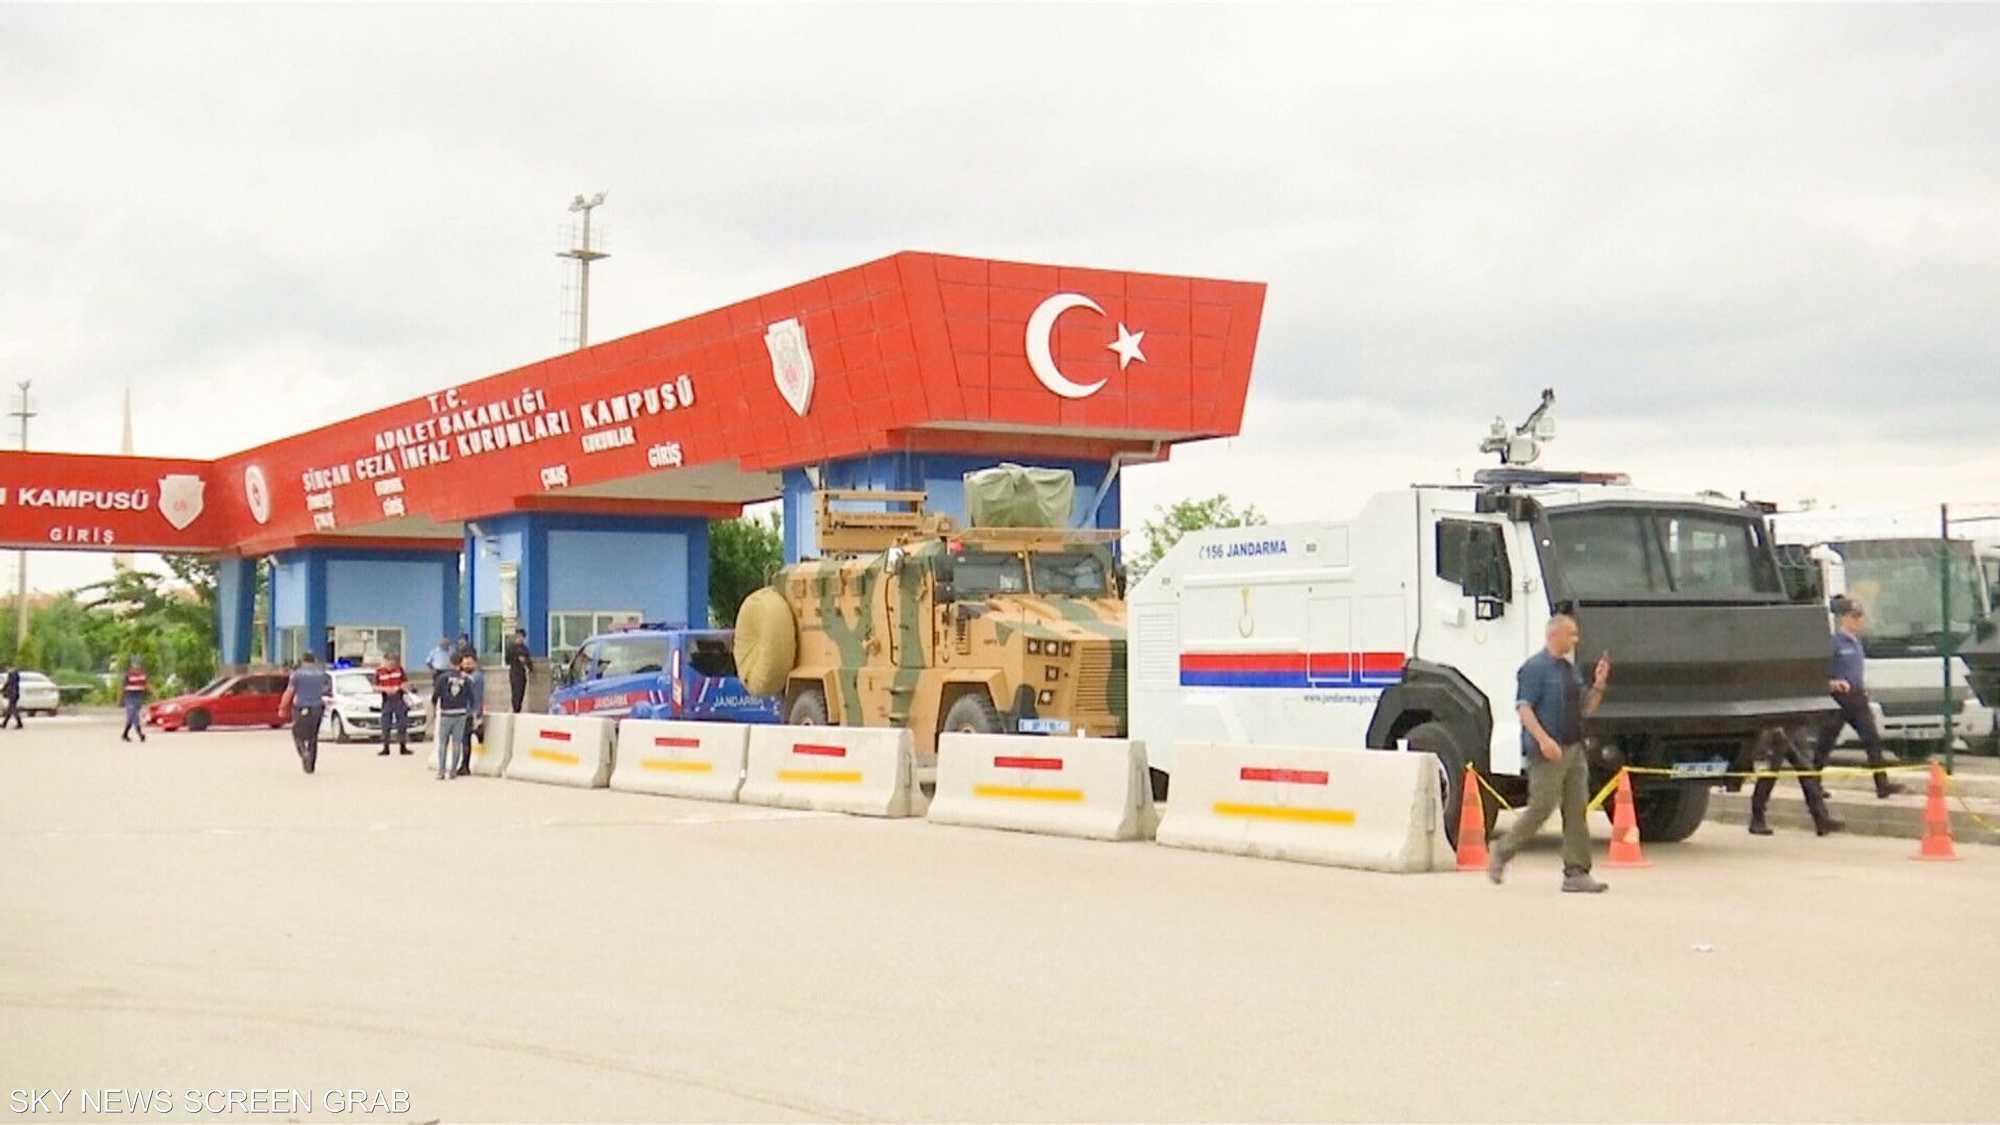 واشنطن: تركيا معبر للمتطرفين للانتقال إلى سوريا والعراق